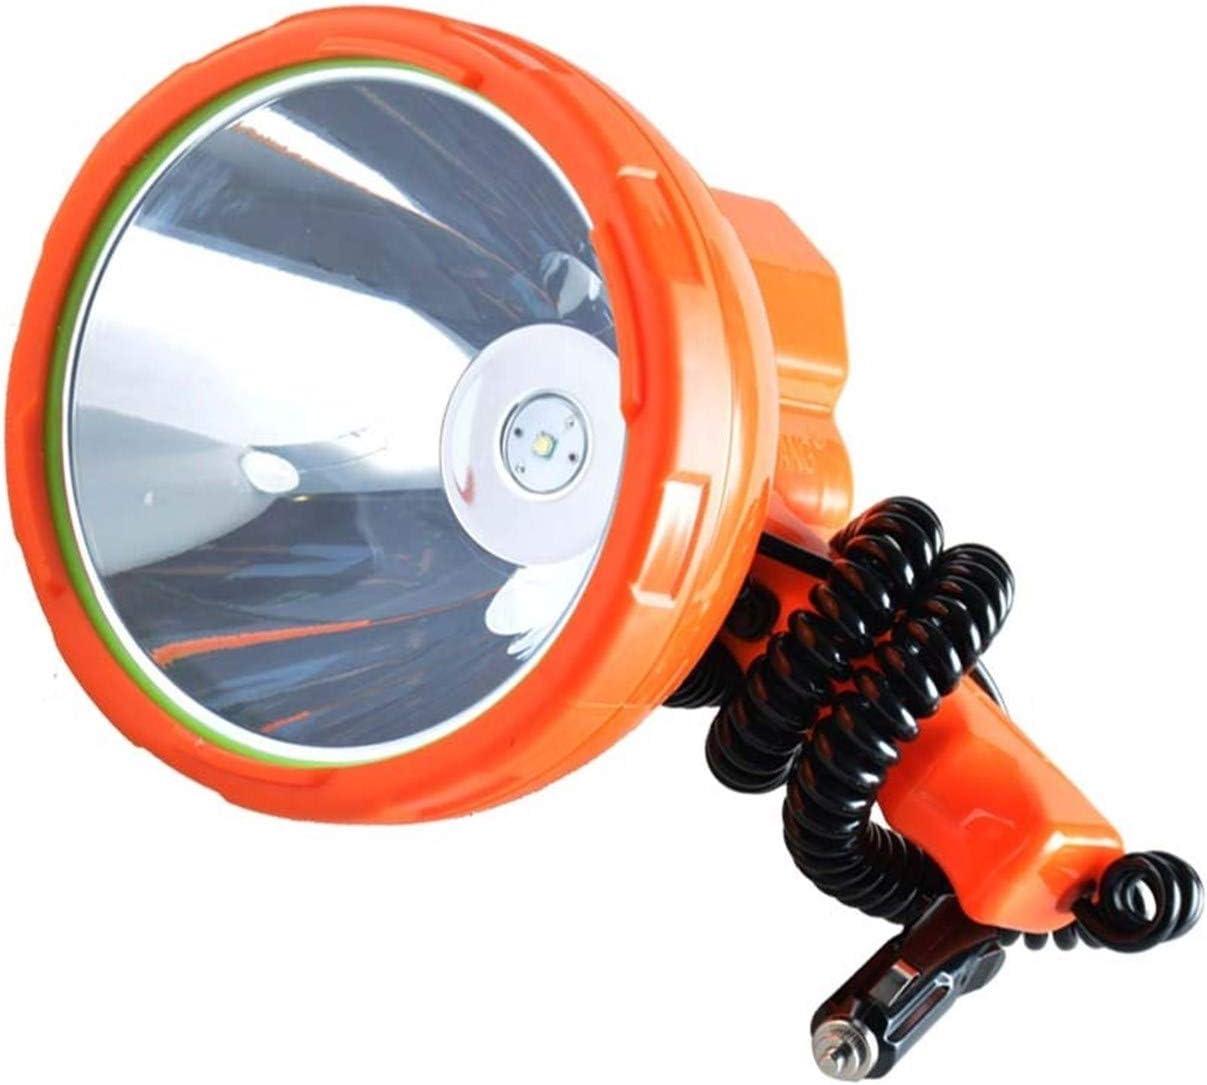 JSJJAUA Faroles de Mano 12v lámpara de la Pesca 1000m, 50W llevó la luz del vehículo - montado Reflector LED, Super Brillante proyector Portable for Acampar, Coche, la Caza (Emitting Color : 50W LED)